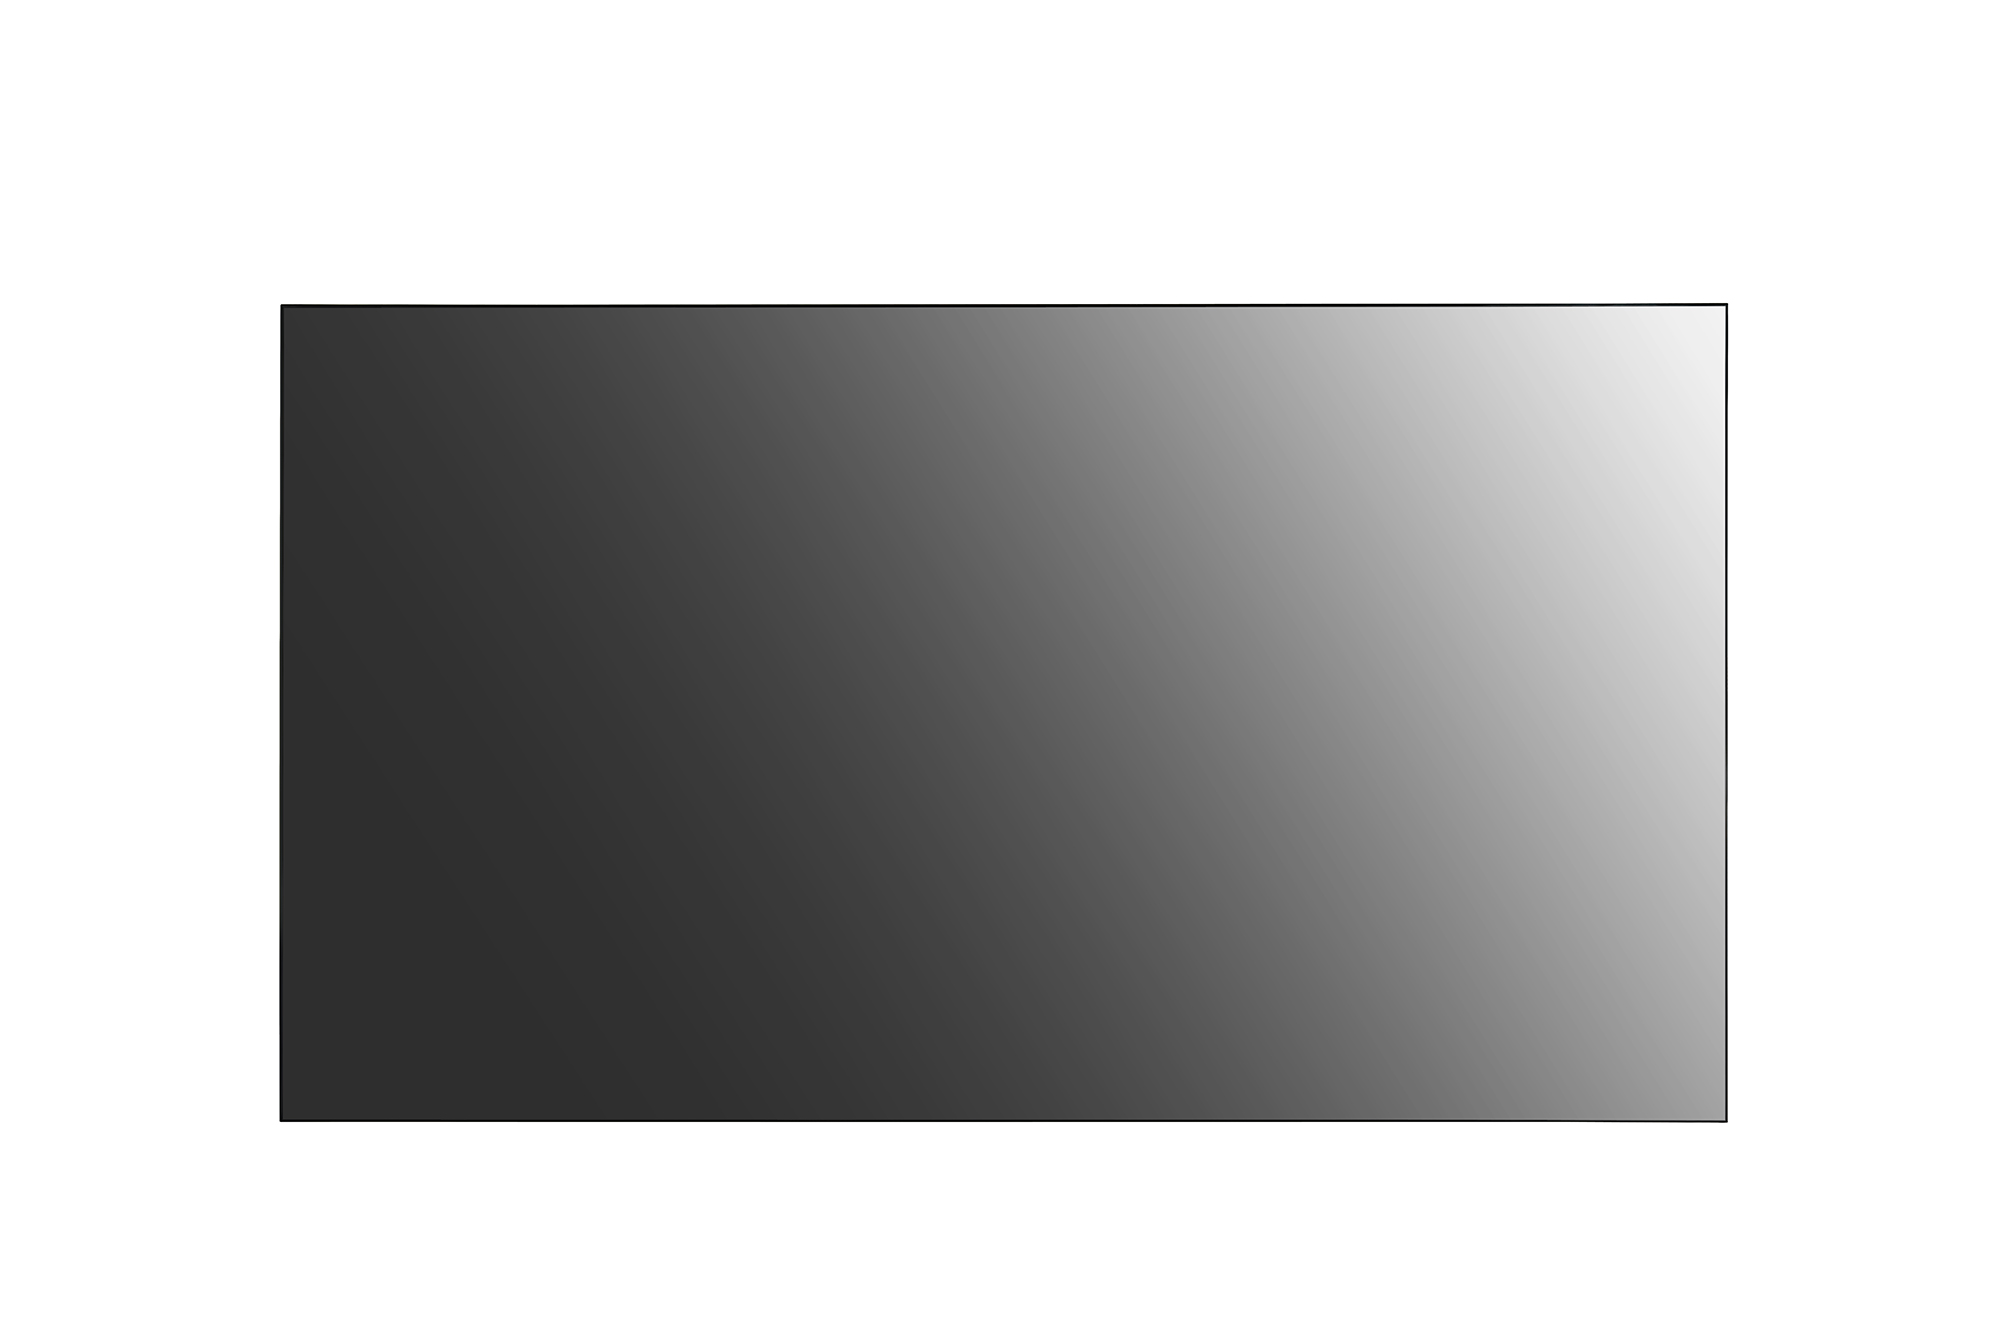 Digital Signage 49VL5G, Front view